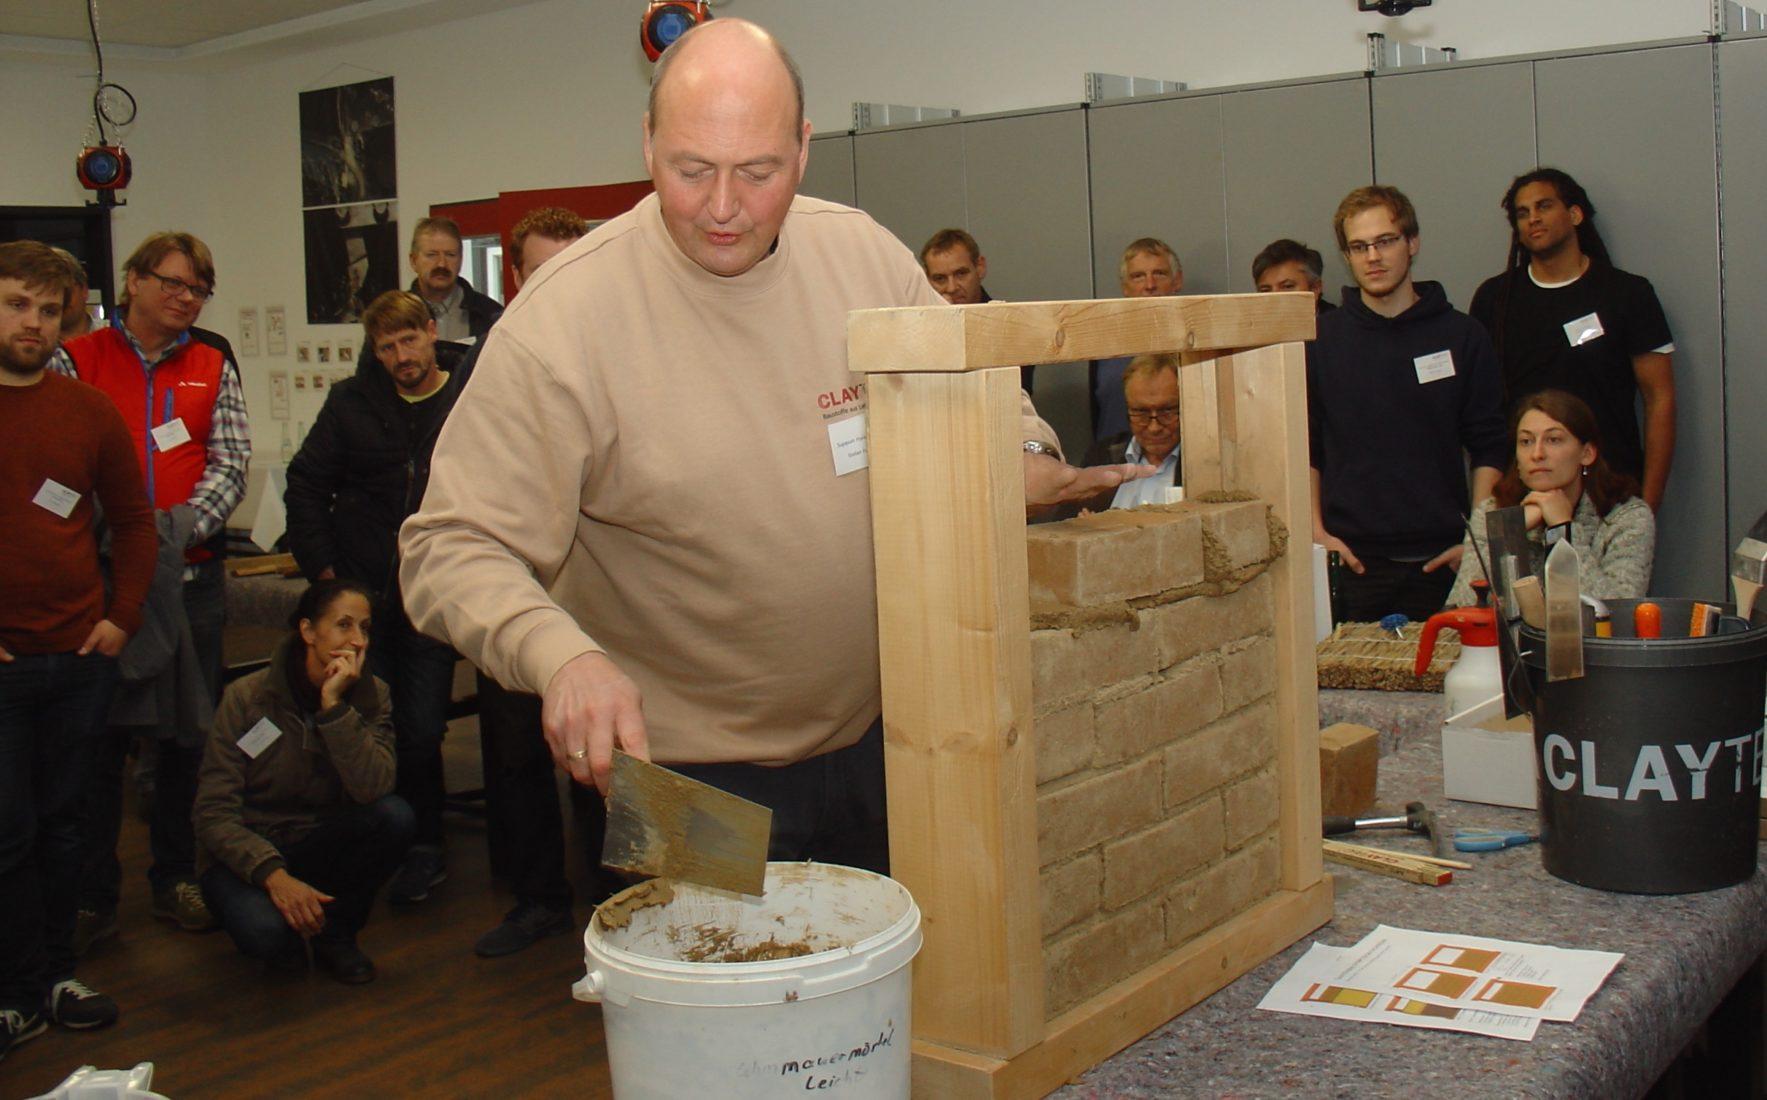 Das Symposium Fachwerk richtet sich an Architekten, Handwerker und Fachhändler. Foto: Claytec